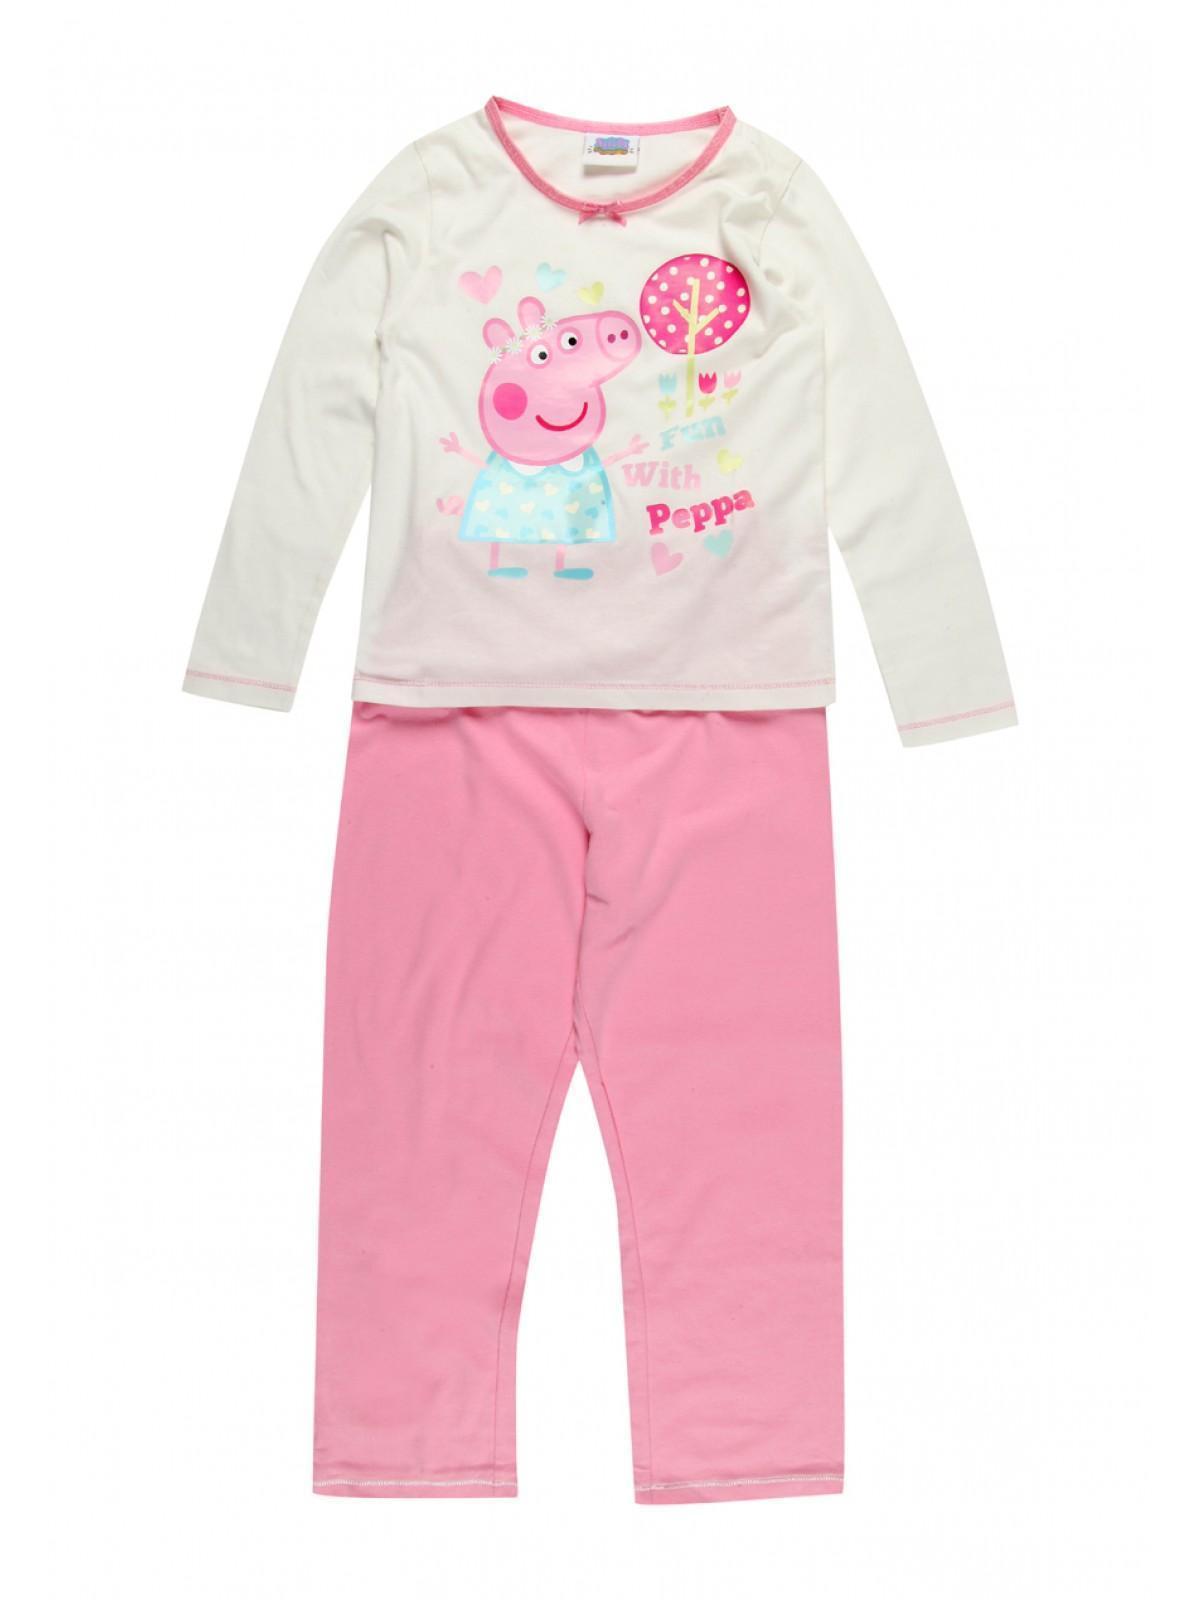 1e87efd66d996 Home; Peppa Pig Gift Pyjamas. Back. PreviousNext